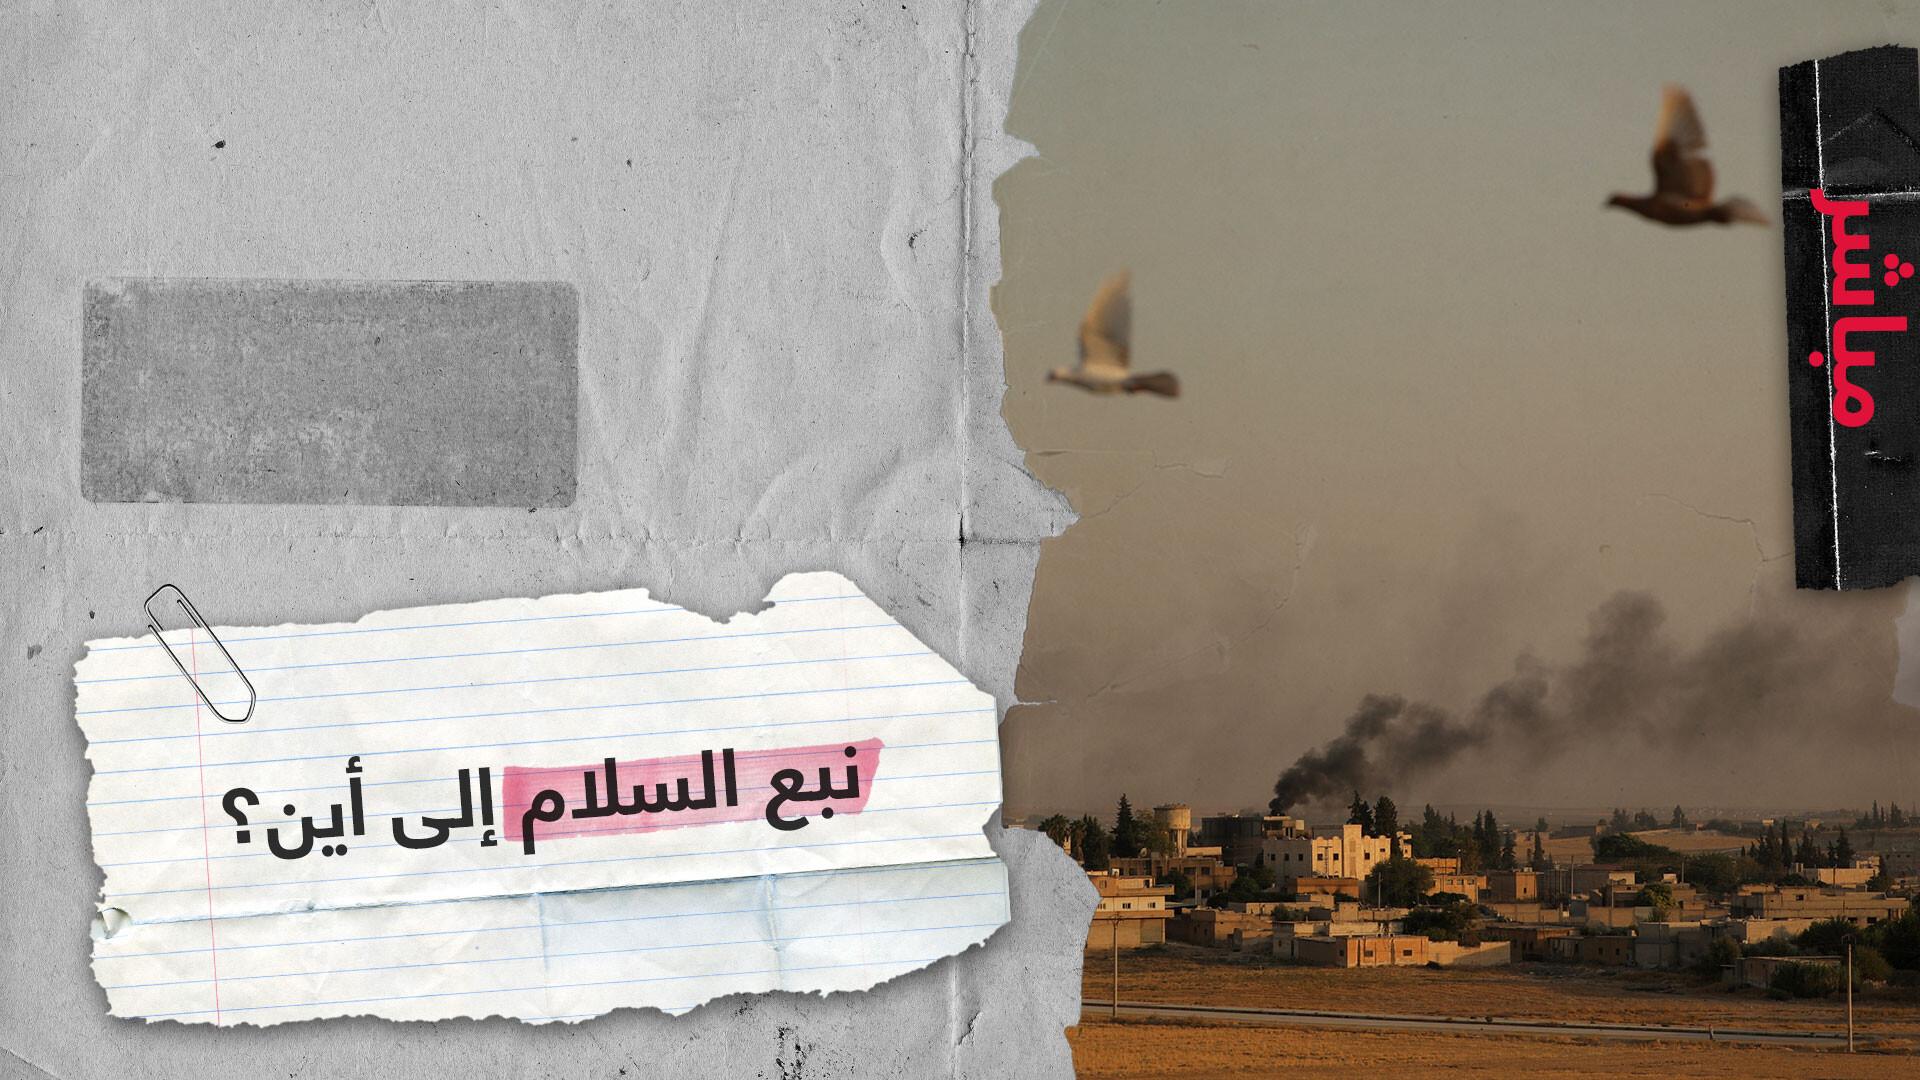 الوضع في الشمال السوري يزداد اشتعالا.. الجيش السوري يدخل الجبهة ويربك الحسابات